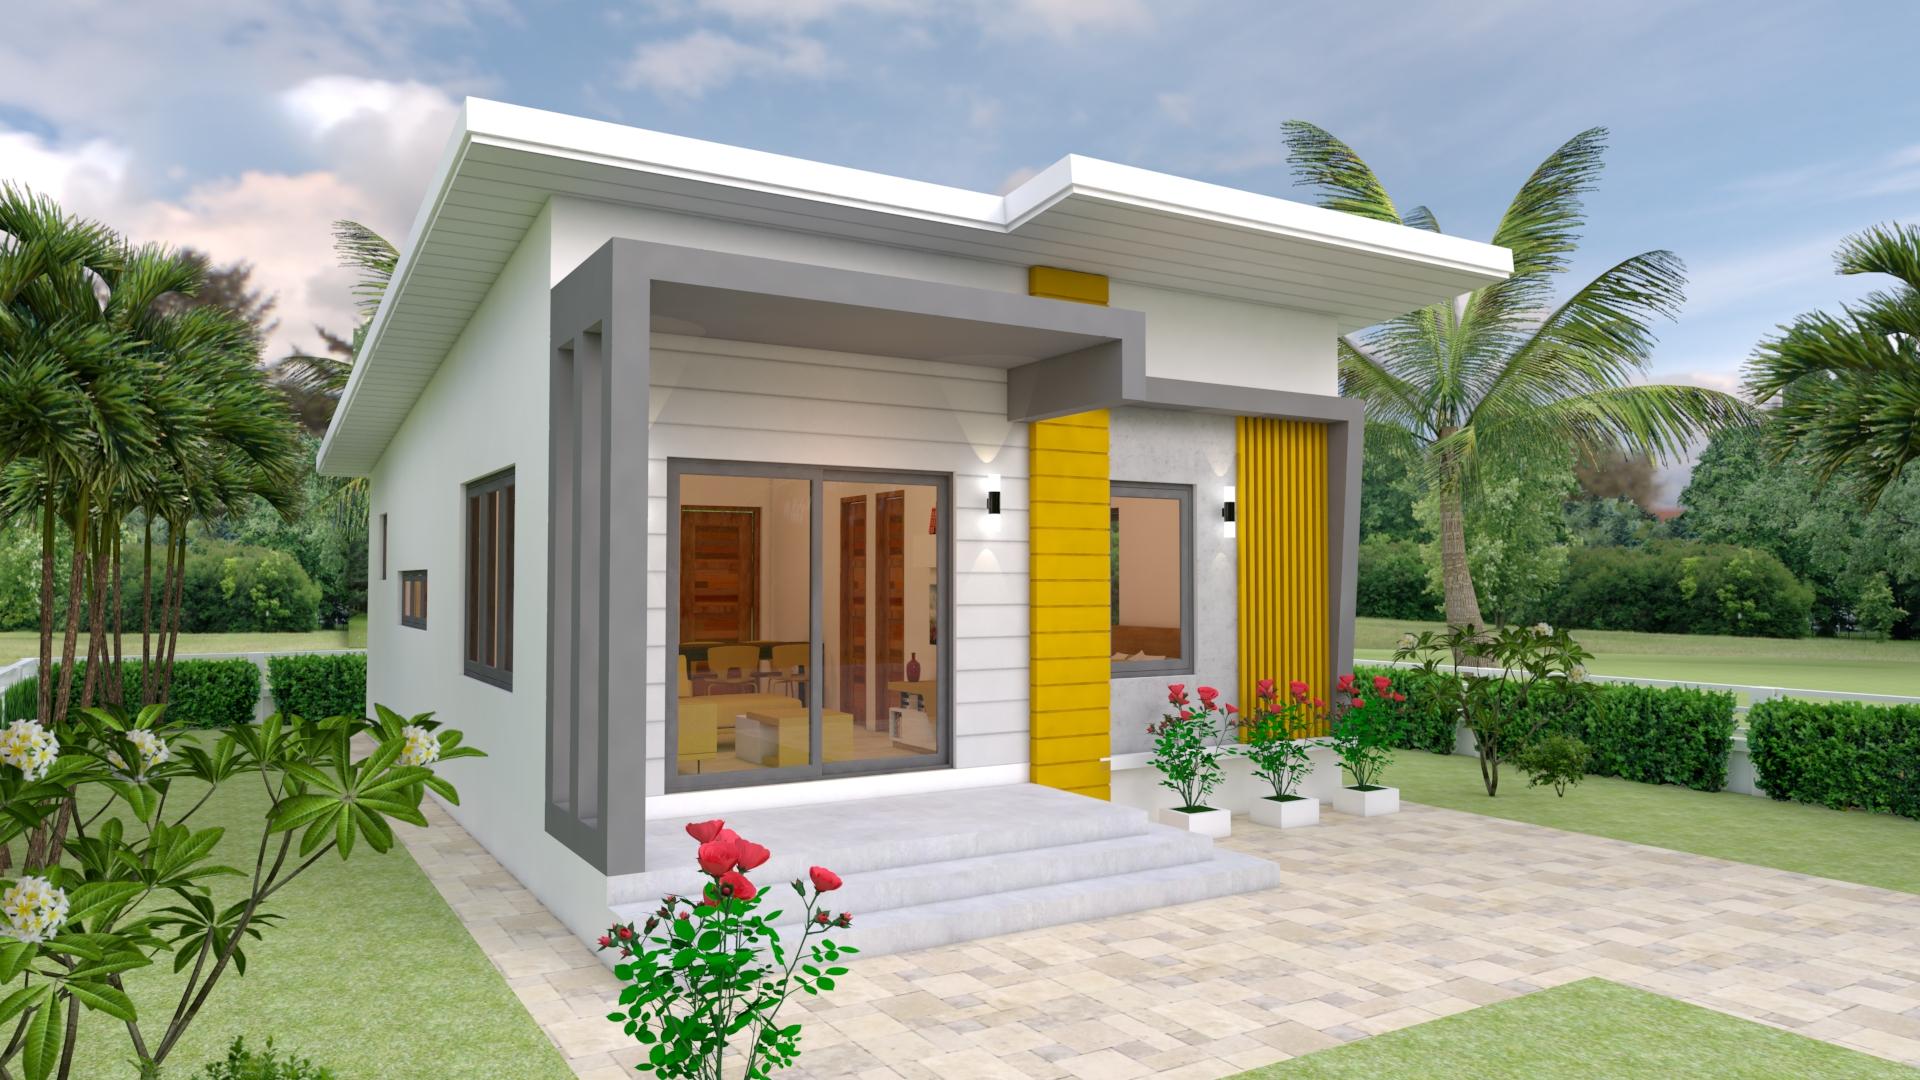 thiết kế nhà 1 tầng 7x12m